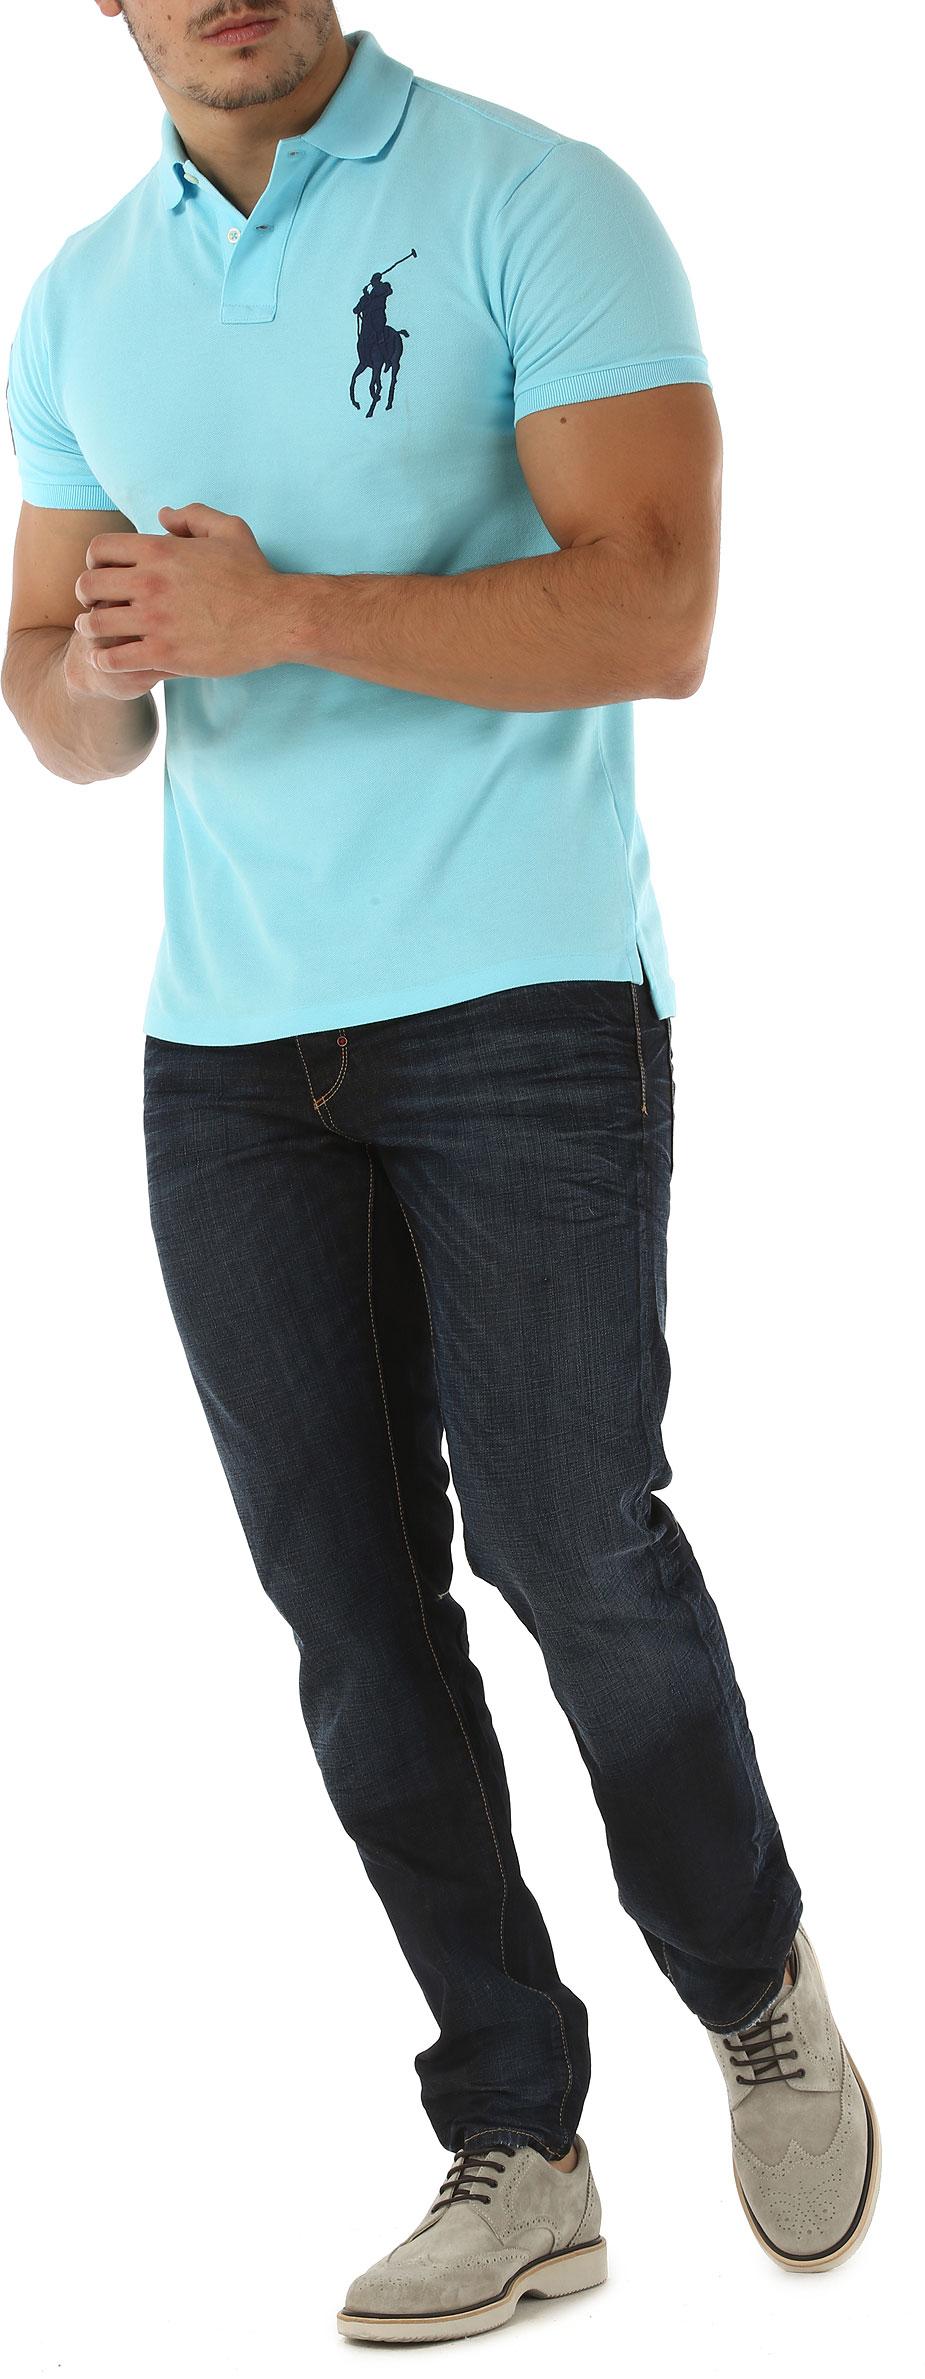 Abbigliamento Uomo Ralph Lauren, Codice Articolo: a12kaa26-c8312-a498c